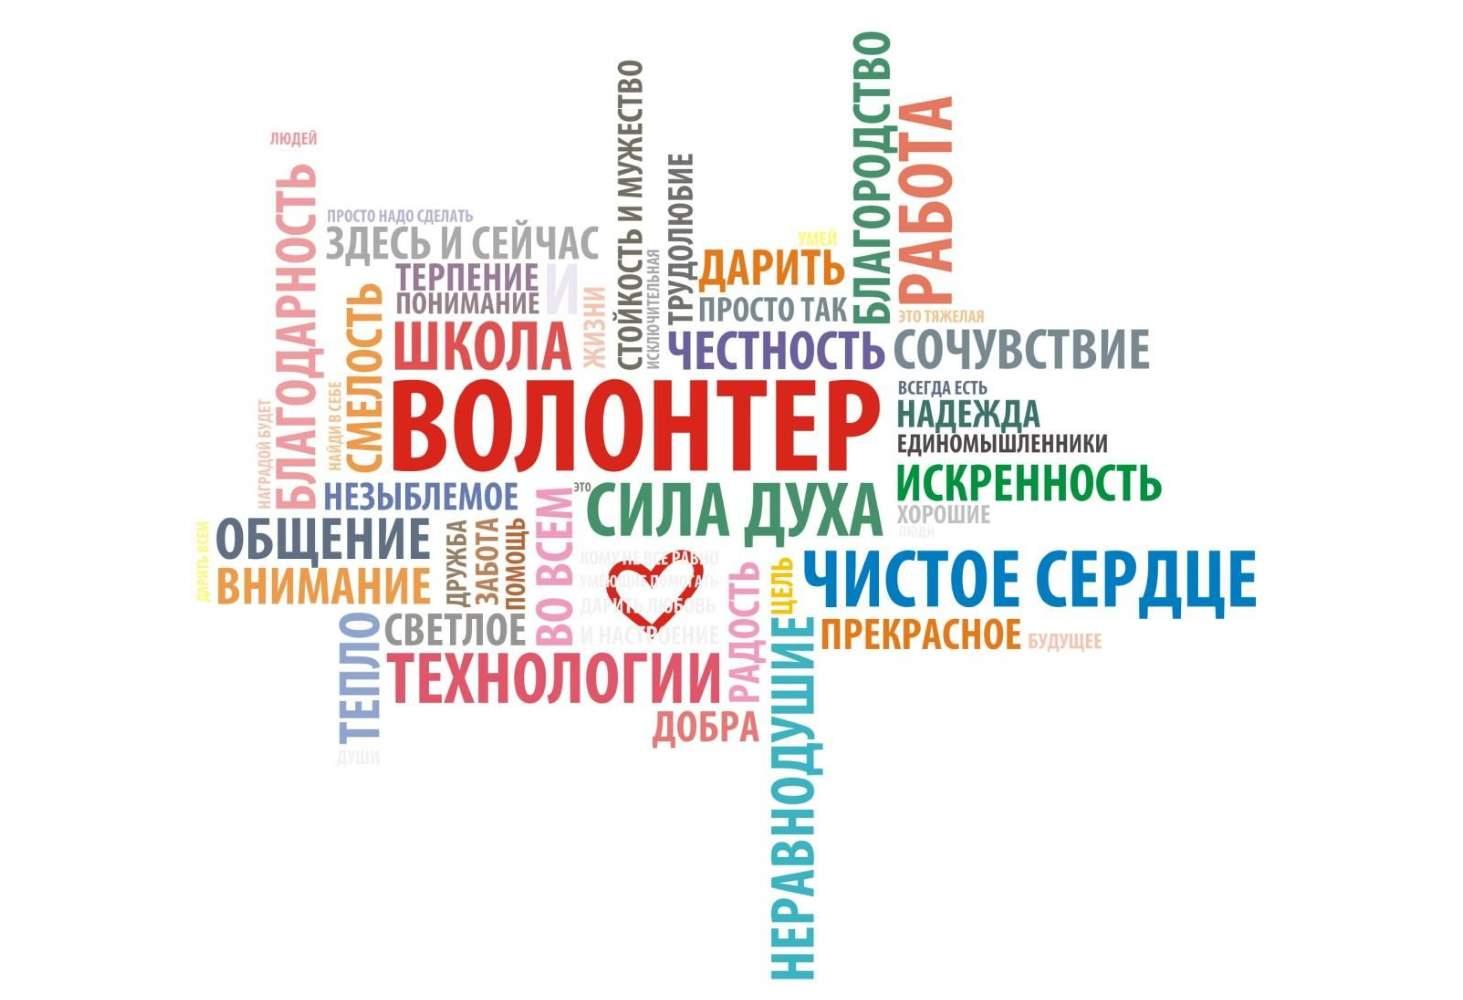 nachalas-registratsiya-na-konkurs-sotsialnyh-proektov-volonter-2018